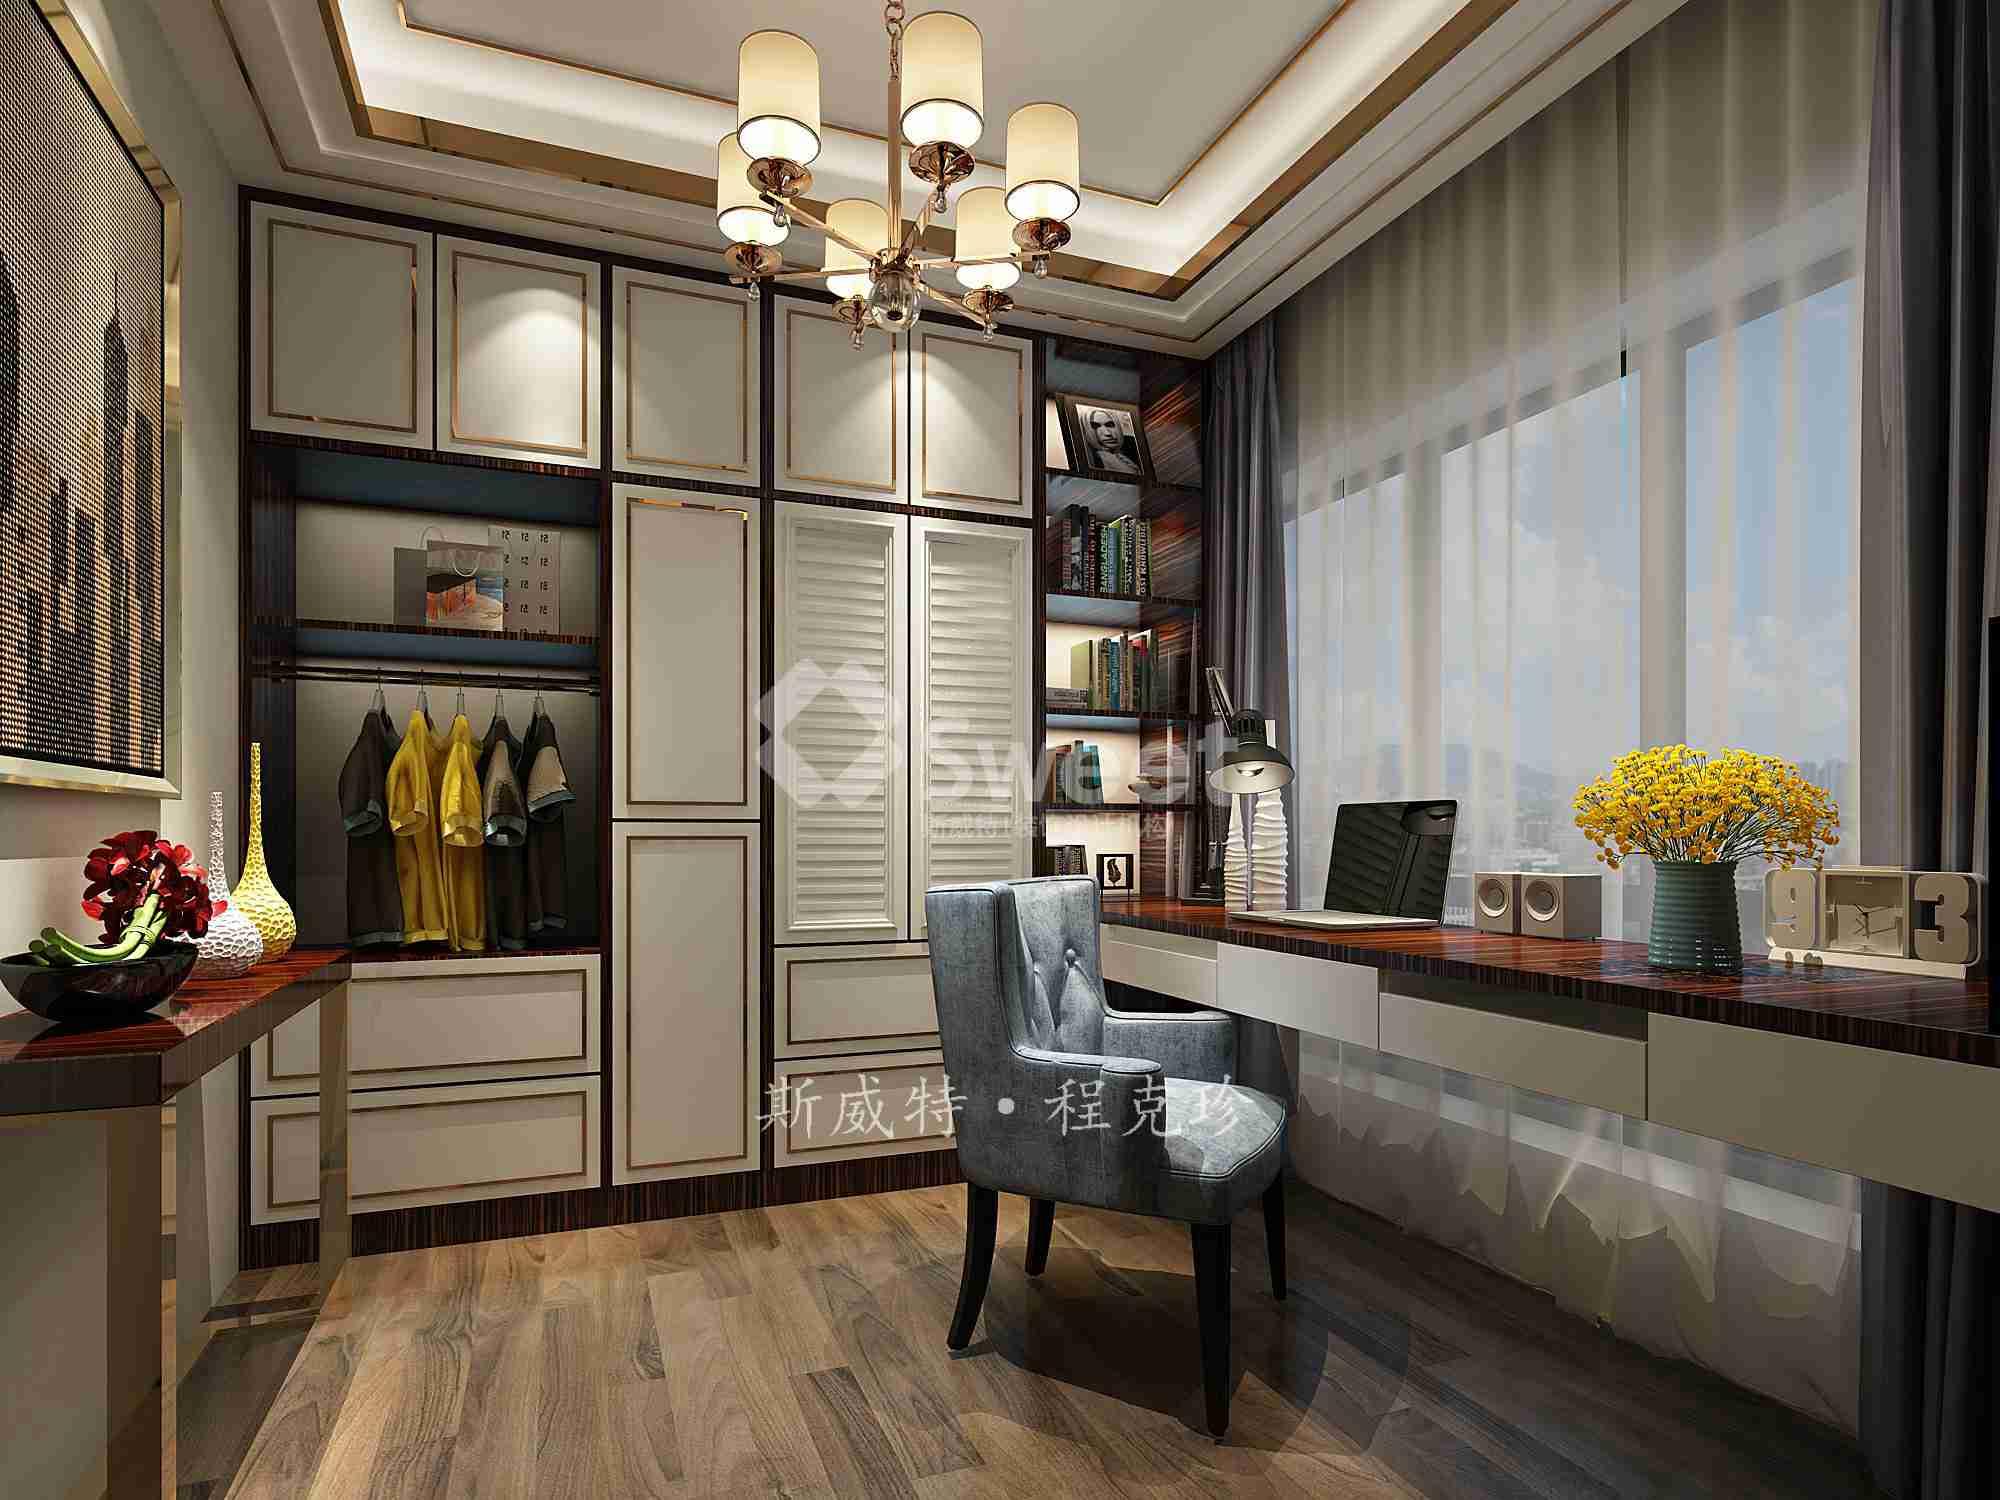 现代轻奢风格,木饰面搭配轻金属营造轻奢感,简洁而不失时尚,以黑檀饰面为主调,展现一个都市风尚的氛围